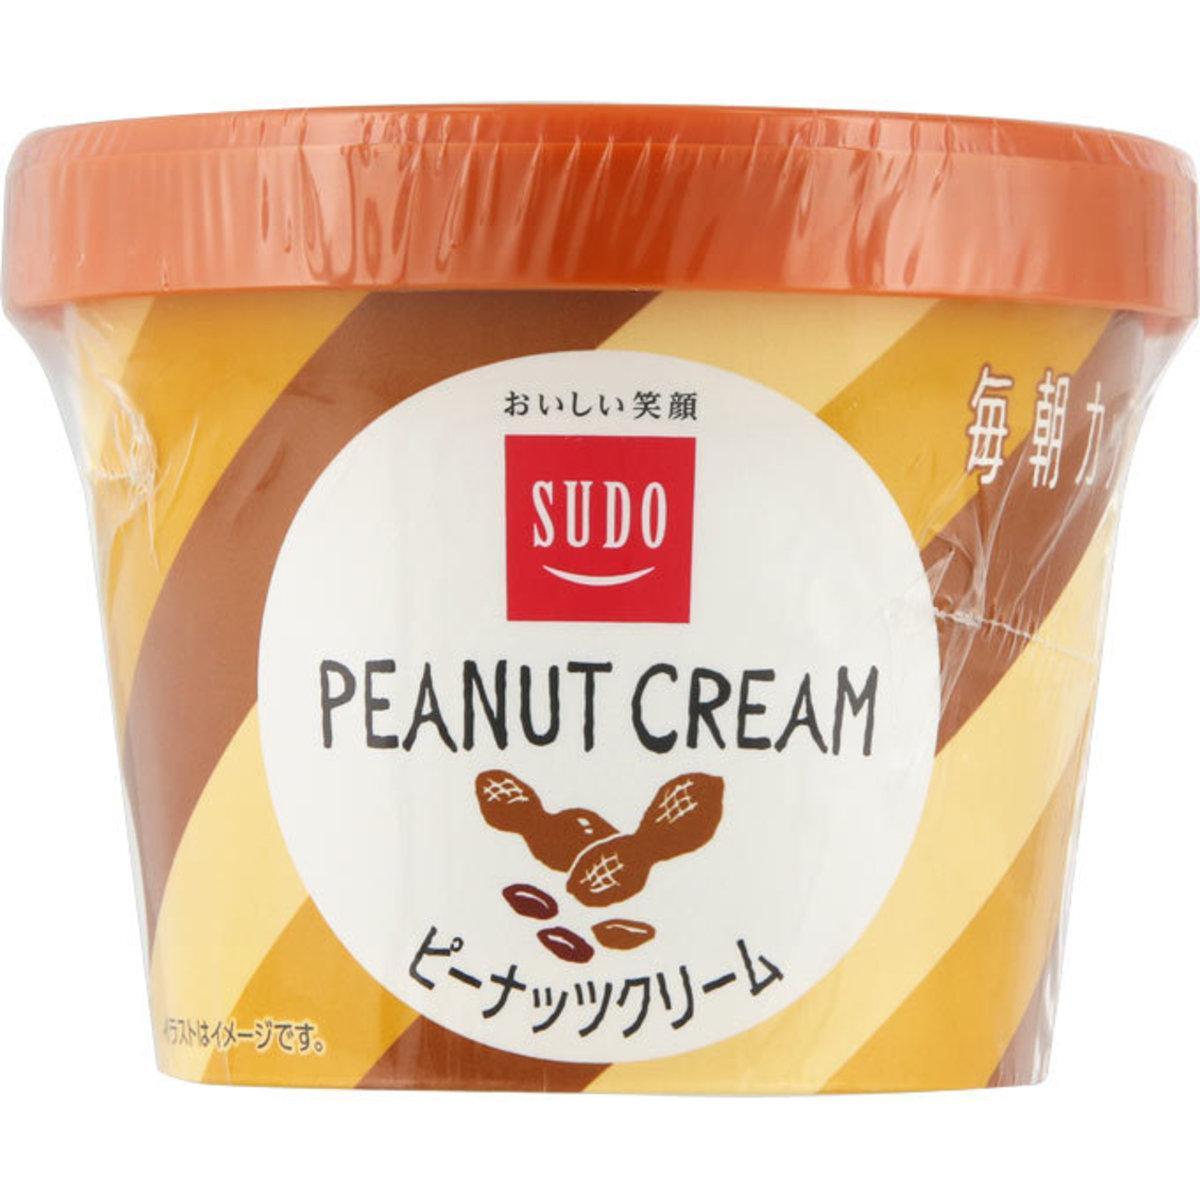 SUDO 奶油花生果醬|135g|原裝日本|輕巧方便|